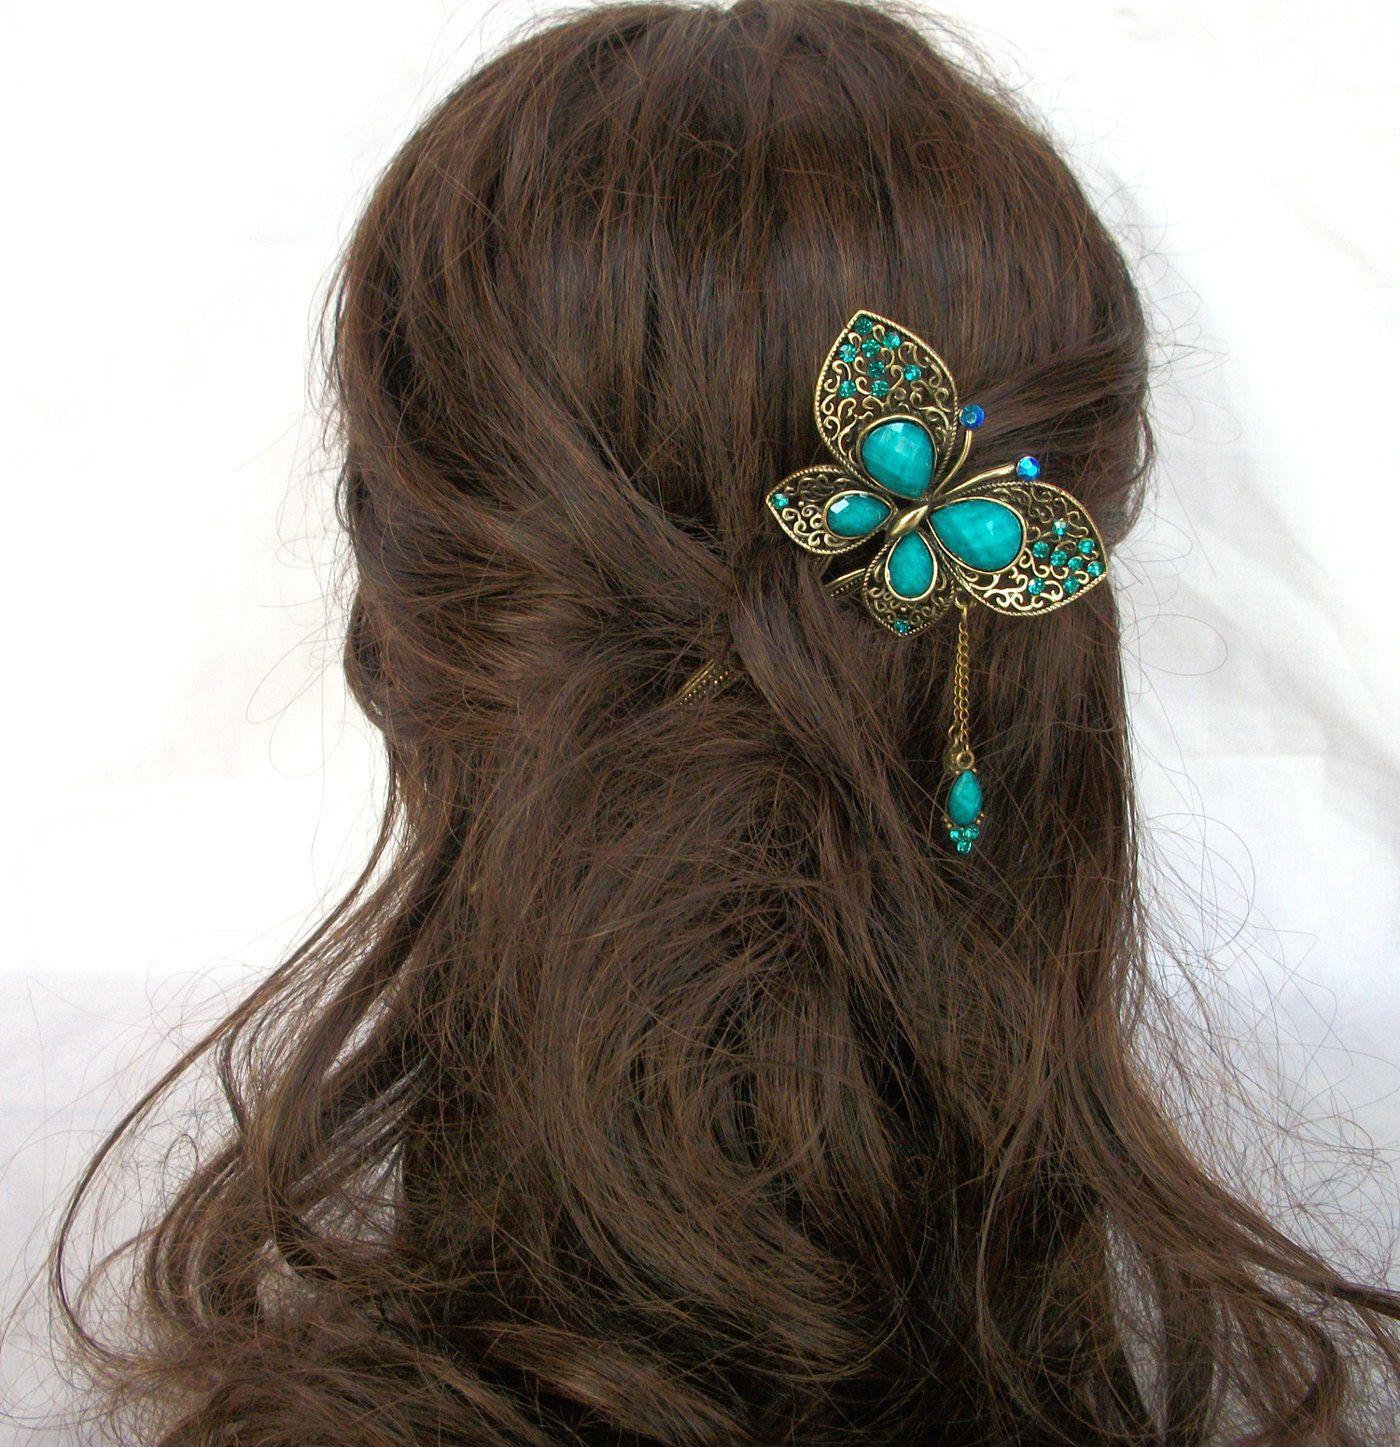 Wood Hairstick, Paua Shell Hair stick, Single Prong Golden ...